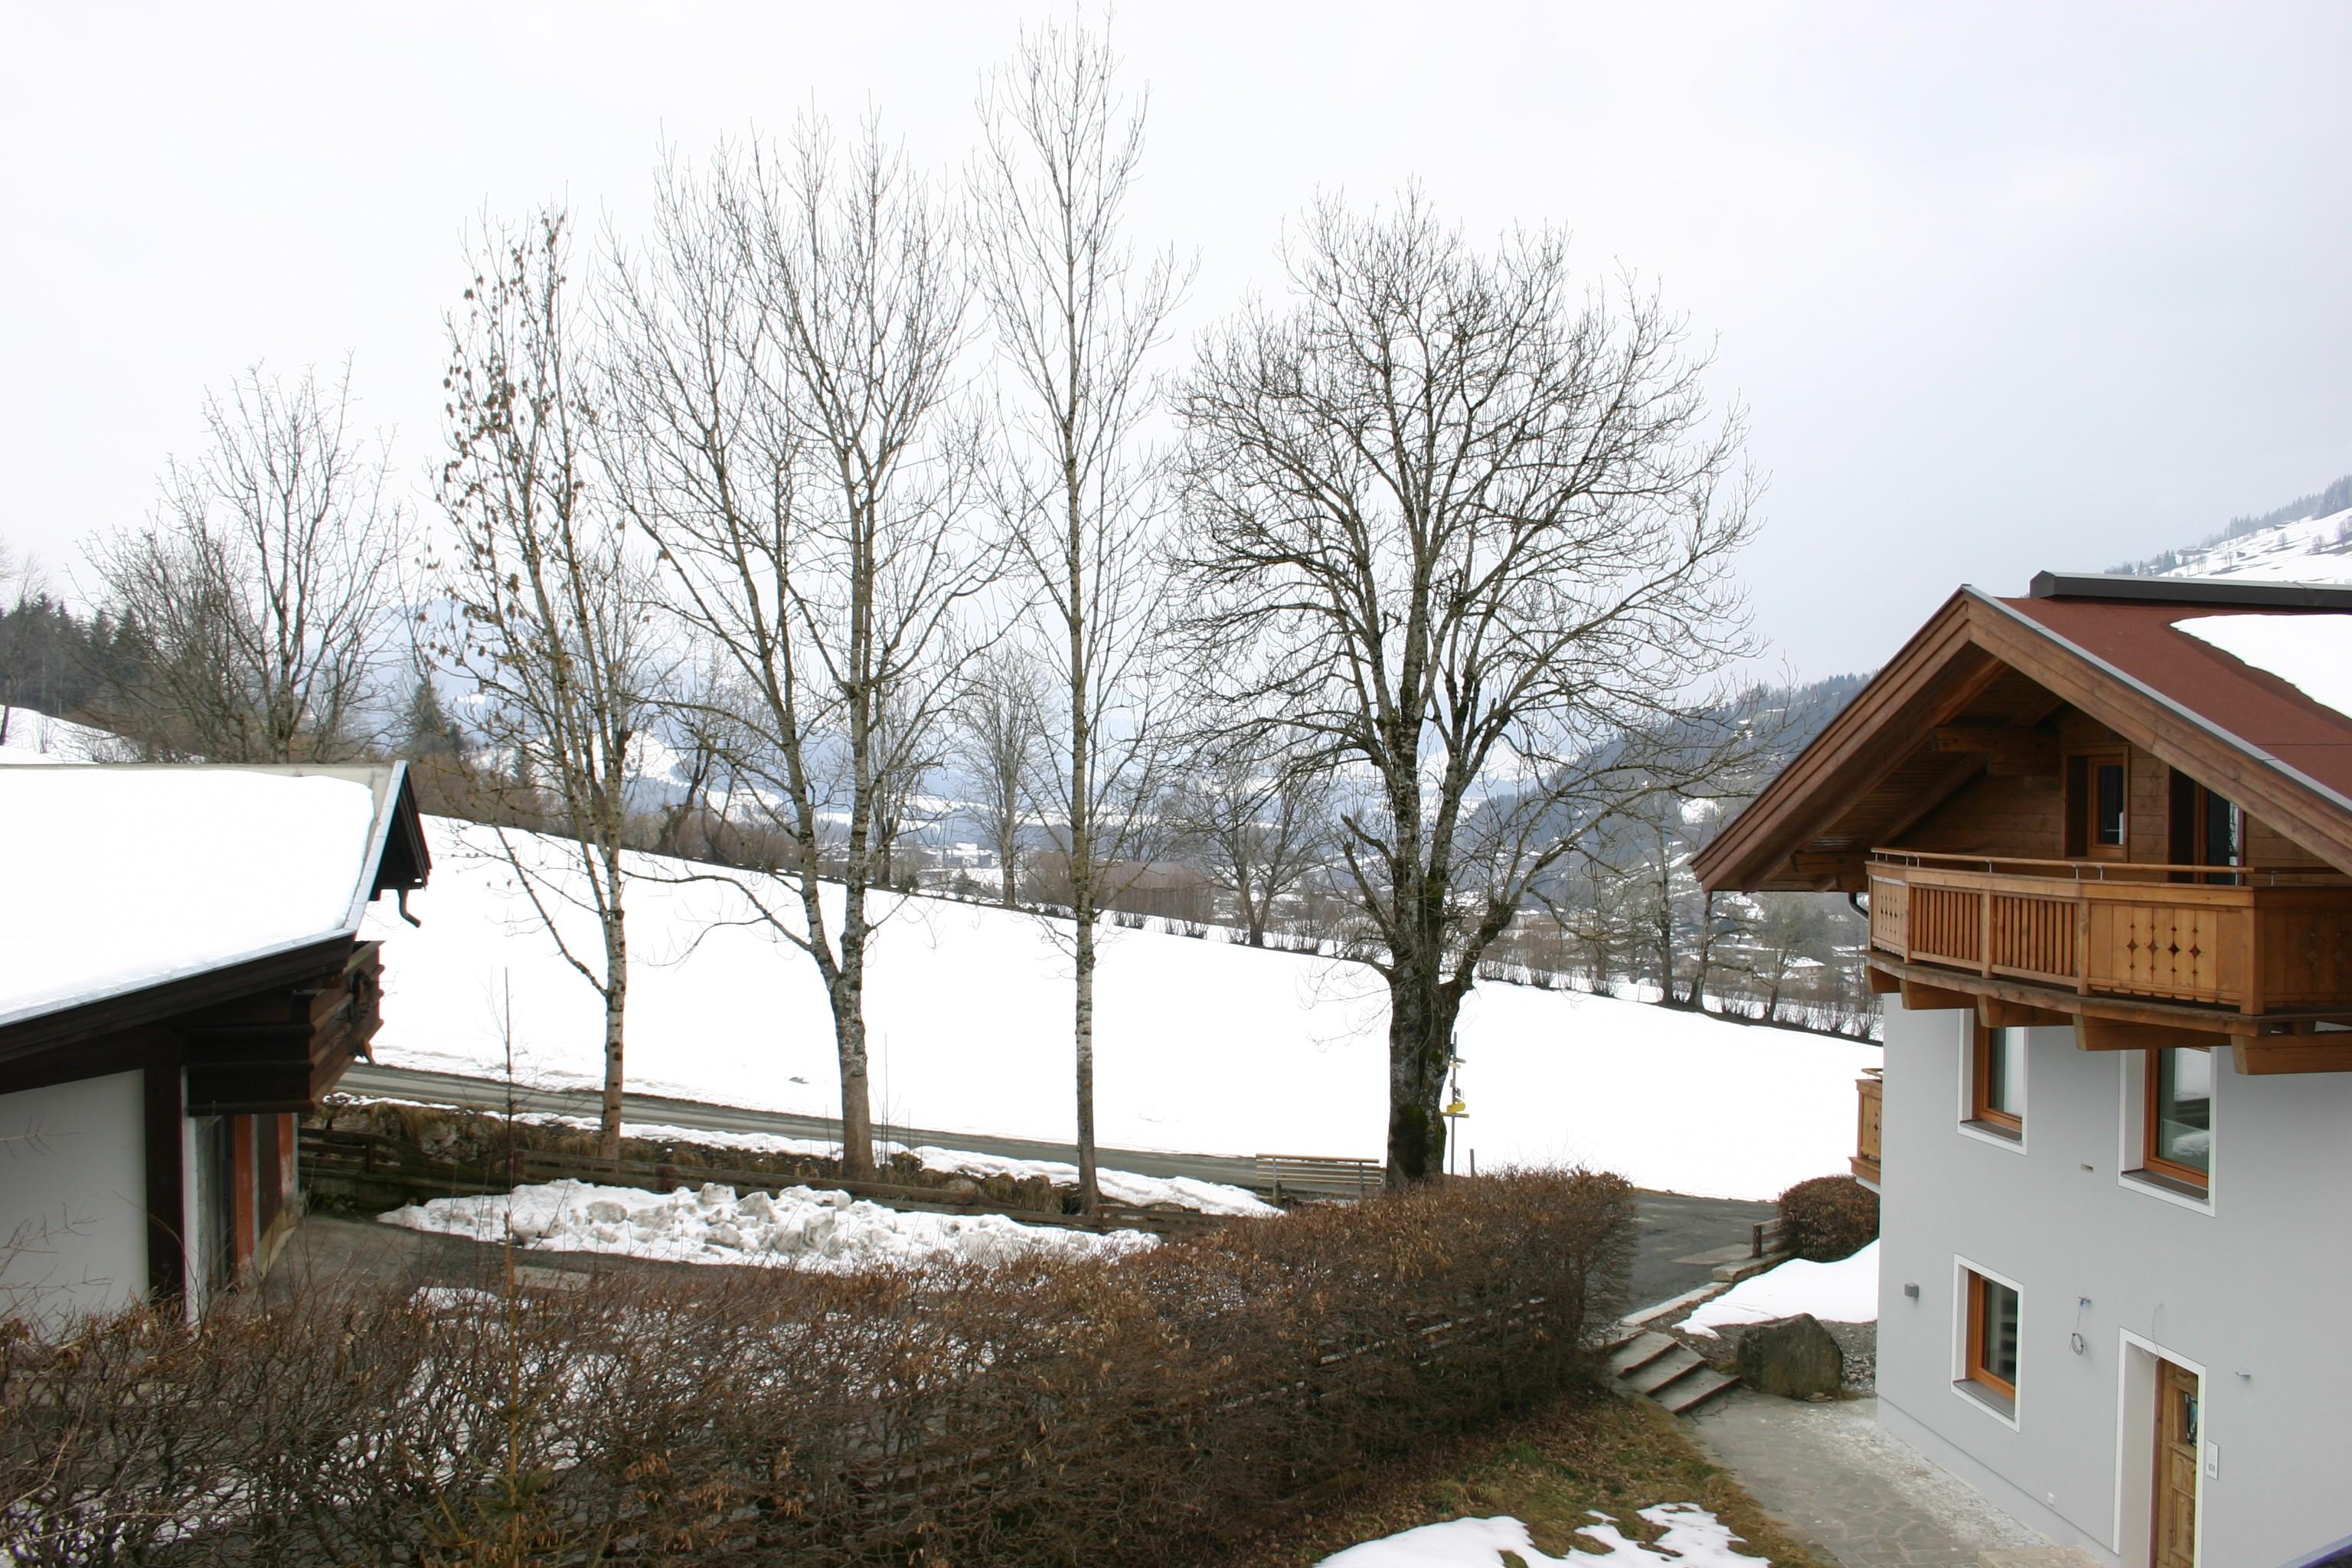 Kitzbüheler Alpen 001 - Dag 1